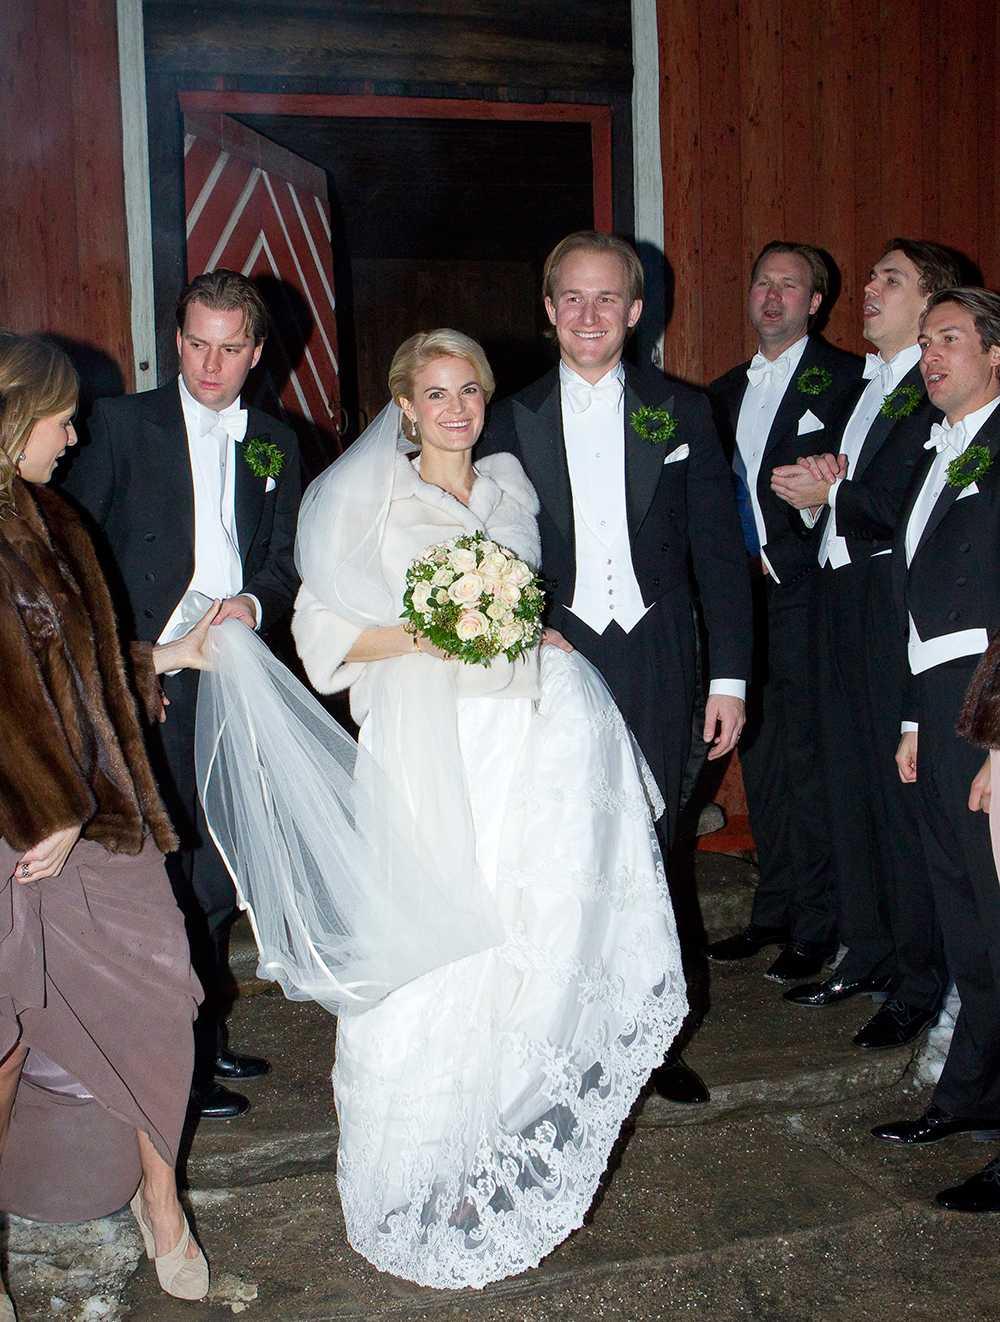 Tin-Tin Rosén gifte sig med Robin af Burén i en siden- och spetsdröm från Garamaj och persikofärgade skor i februari i år. Som ytterplagg bar hon en vit pälsjacka.